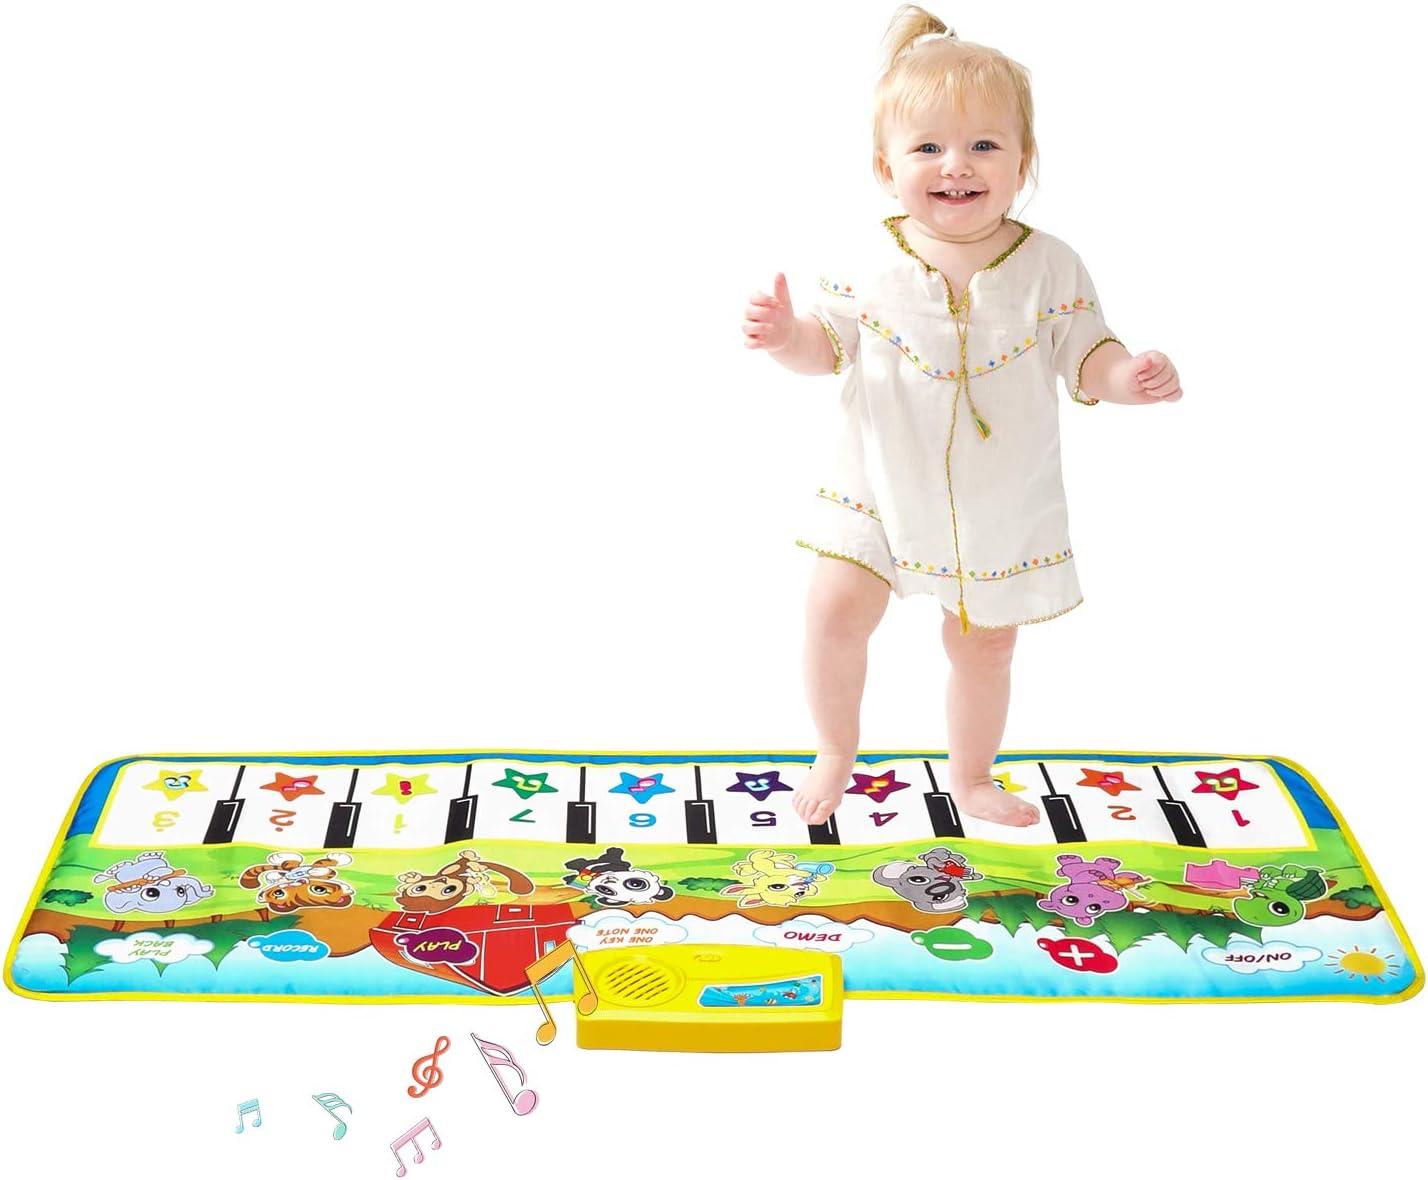 Zmoon Alfombrilla de Piano para Niños, Alfombrilla Musical Alfombrillas de Baile Alfombrillas Táctiles Teclado Estera de Alfombra para Bebé Niño